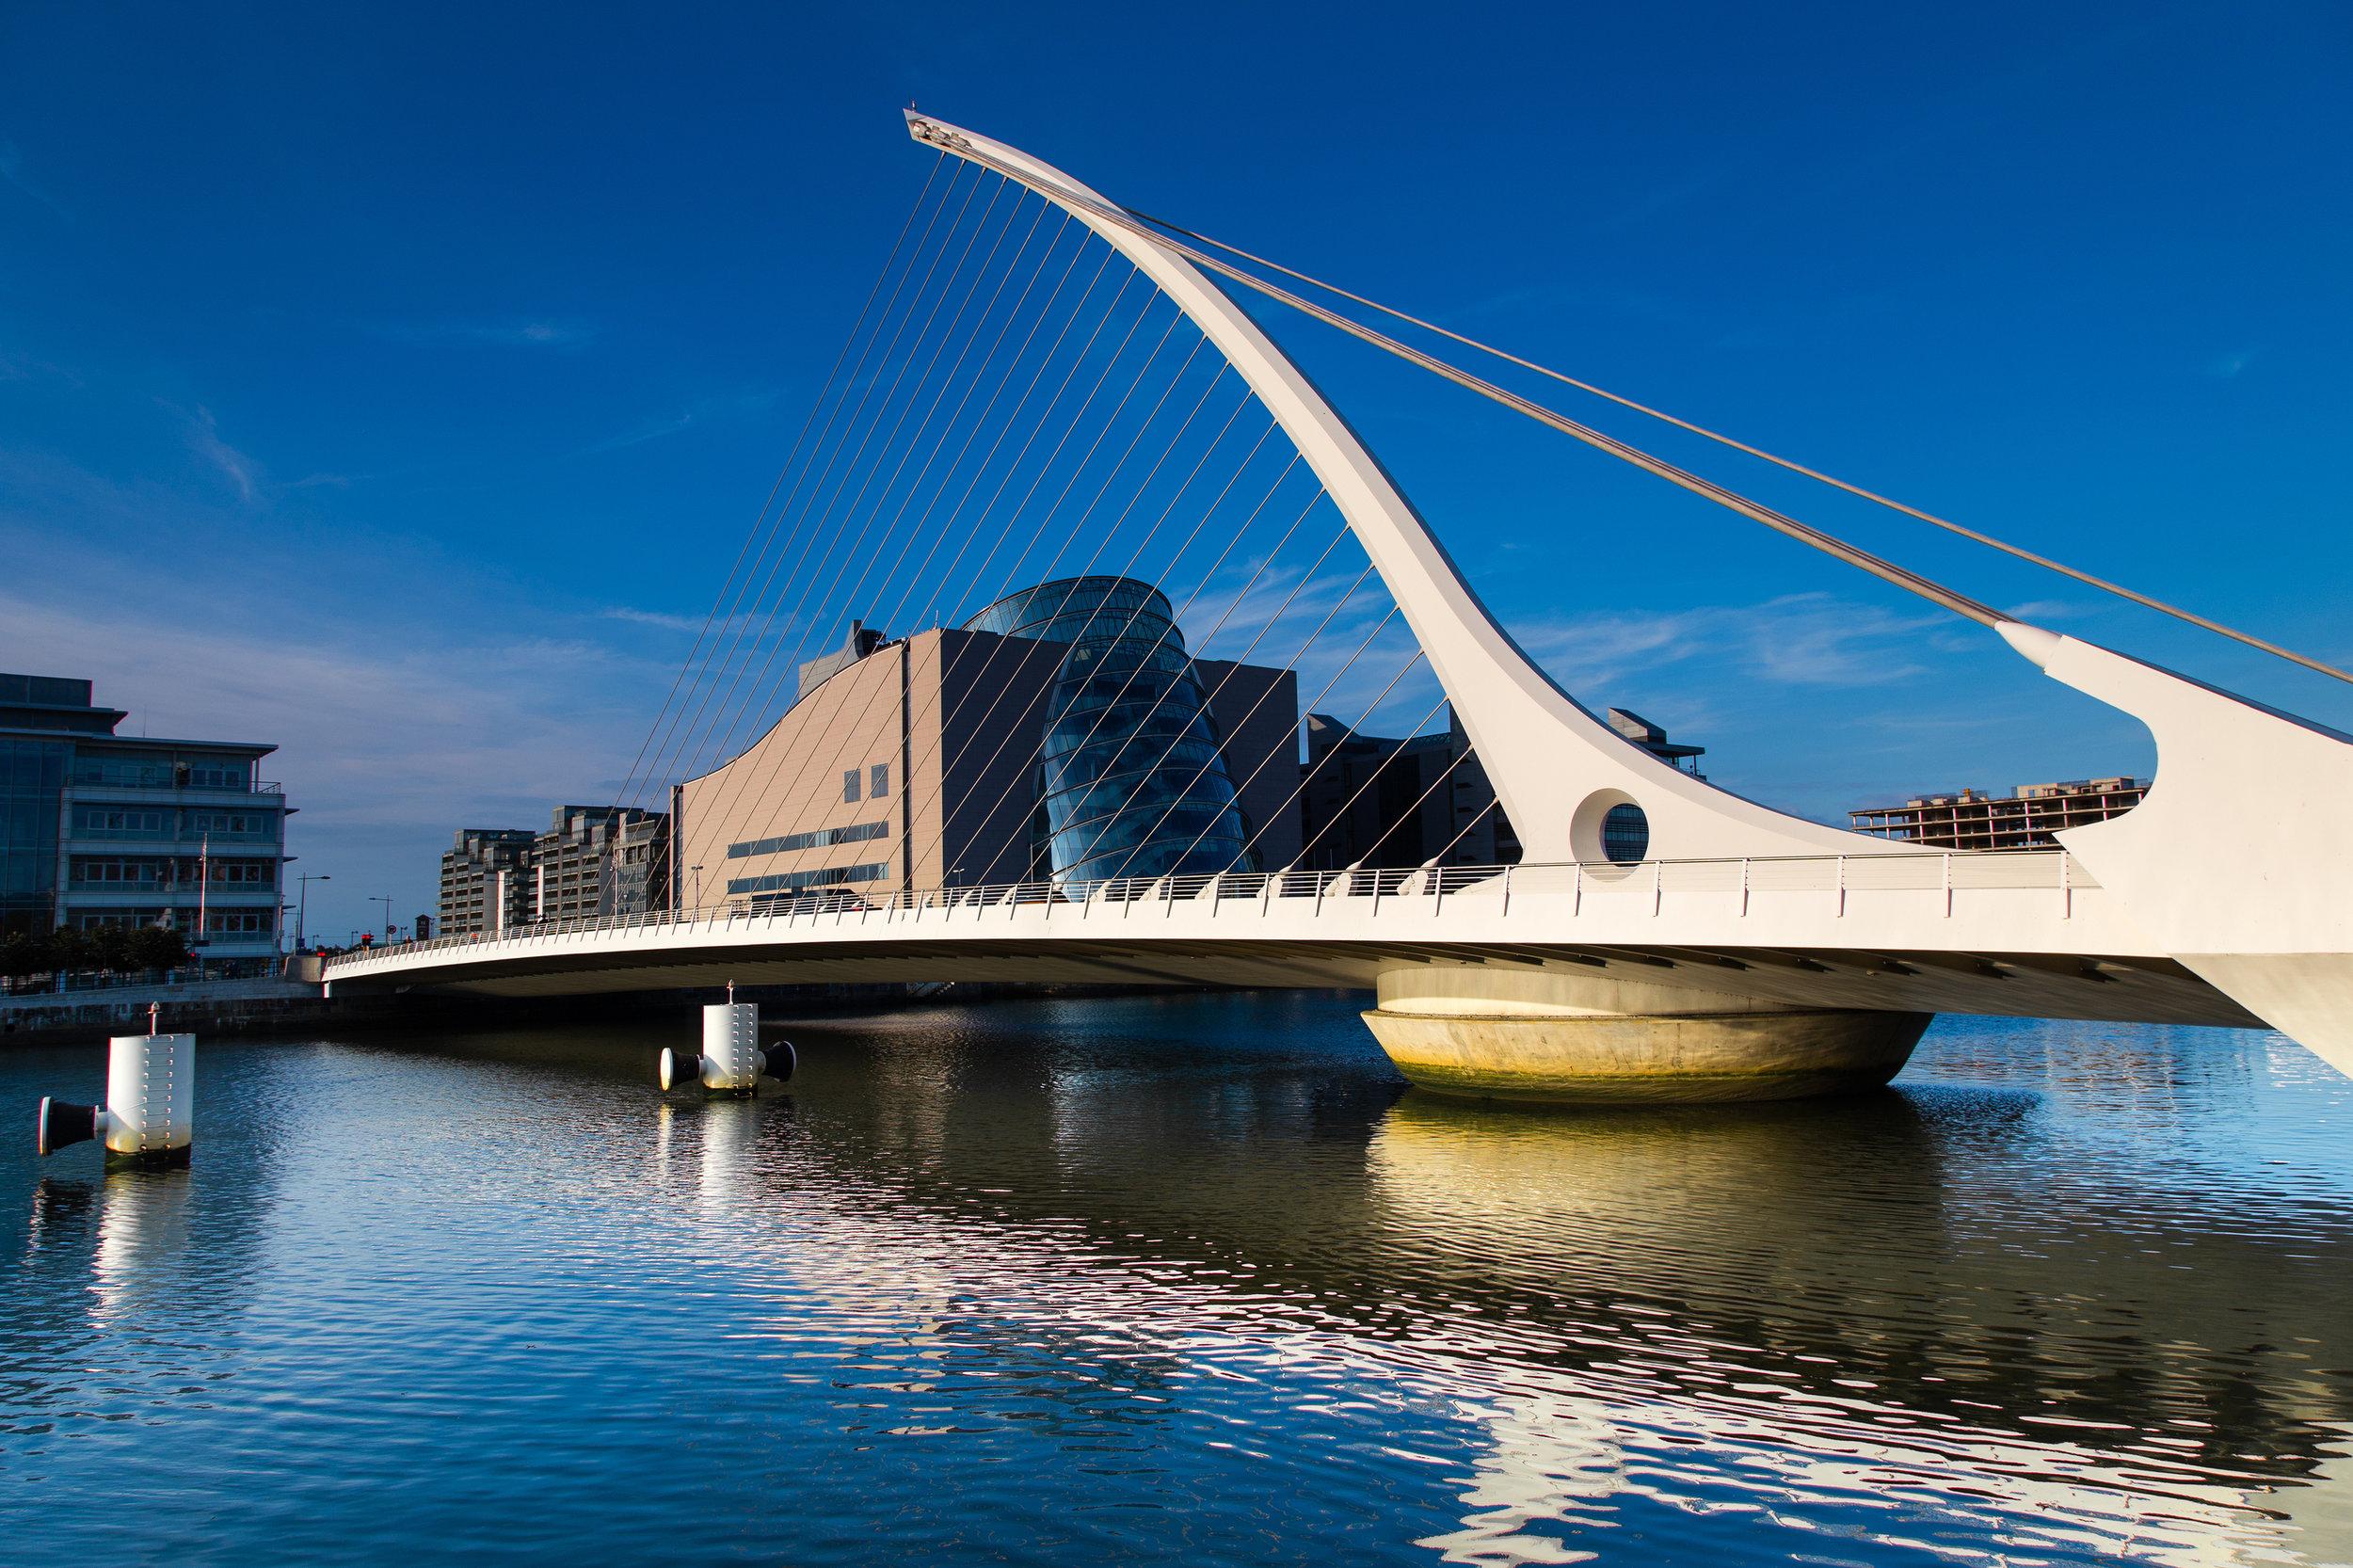 dublin_bigstock-Bridge-In-Dublin-90164906.jpg